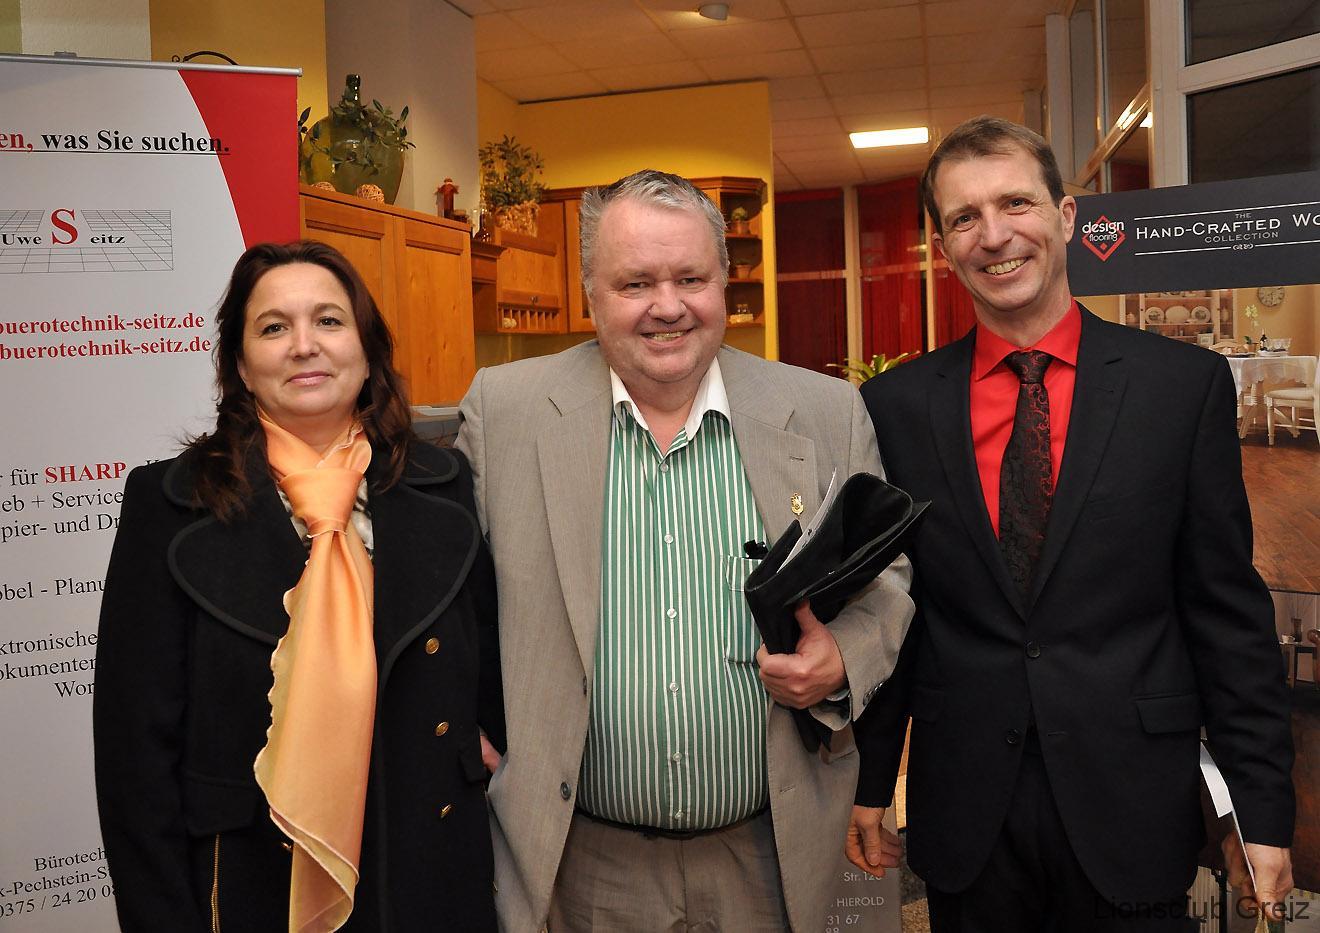 Greizer Lions gratulieren Jörg Hierold zum 50. Geburtstag